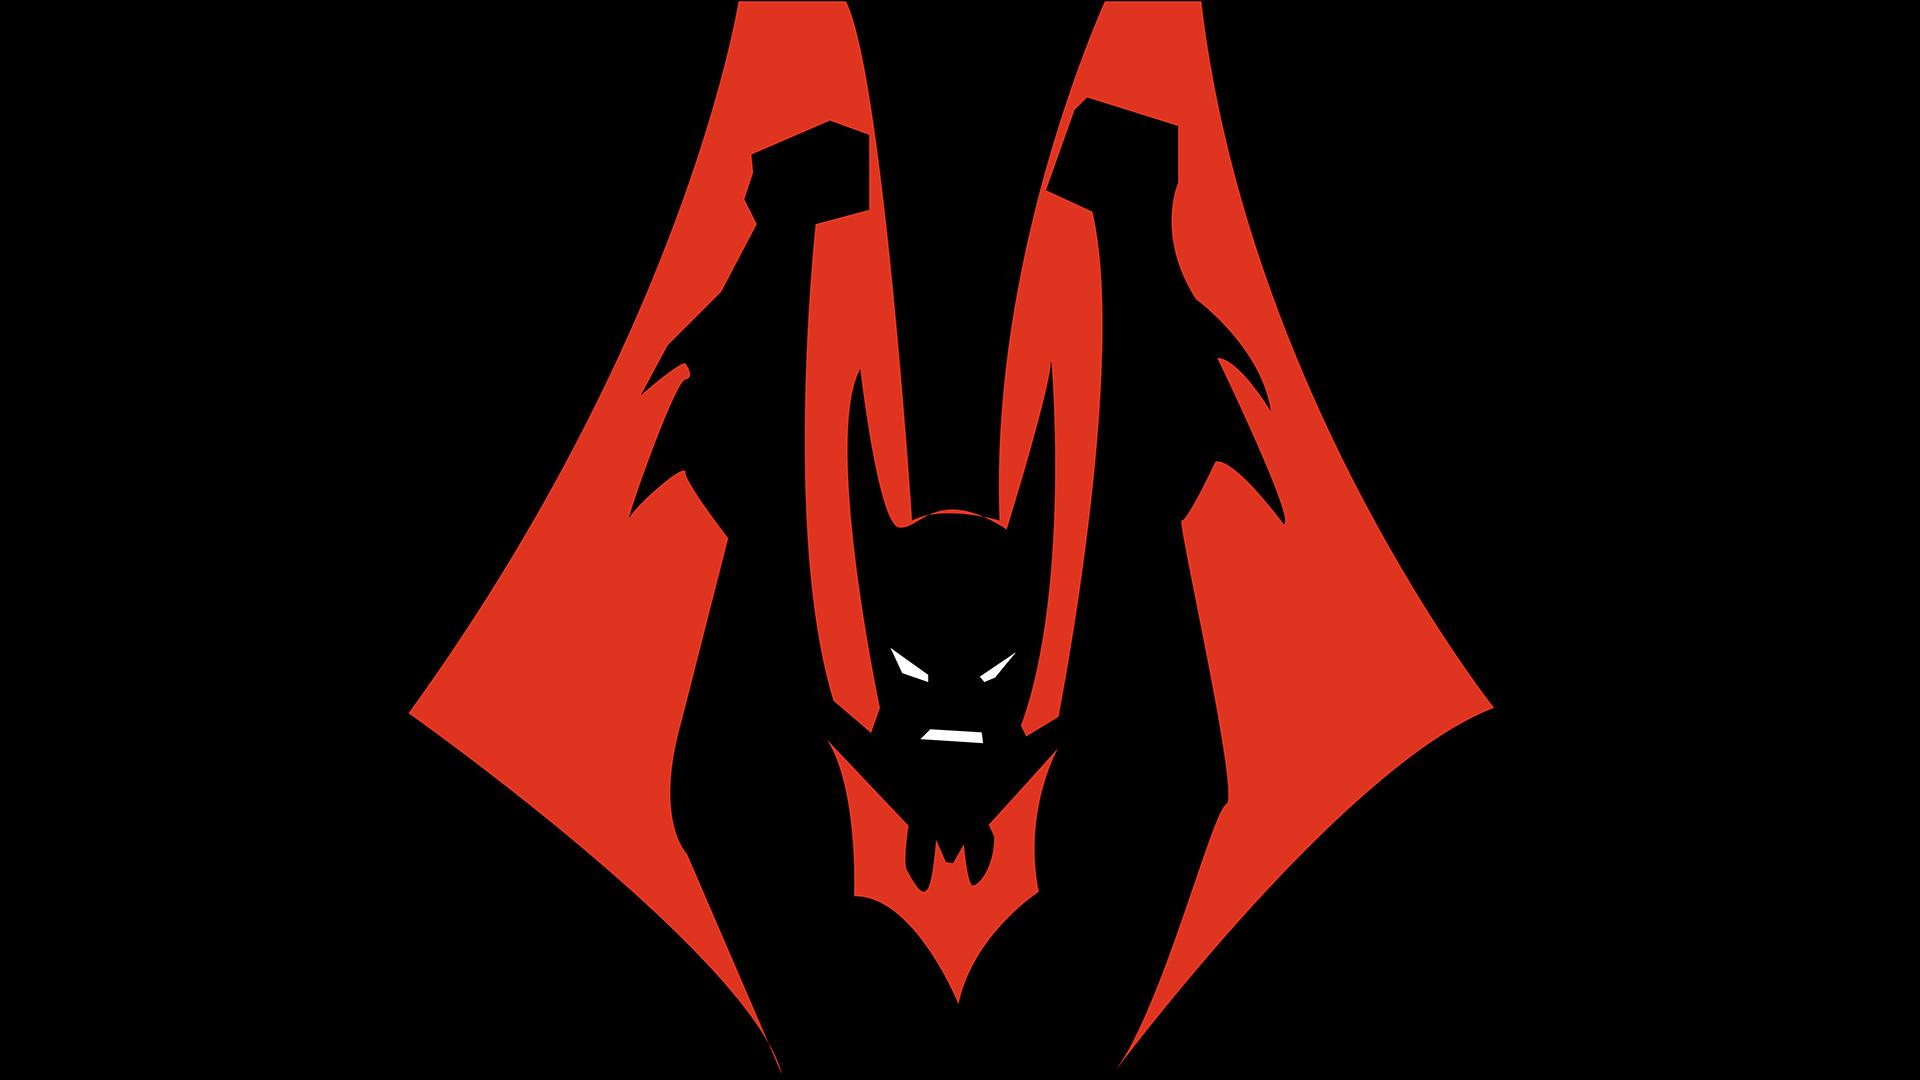 Bat Symbol Wallpapers – Wallpaper Cave